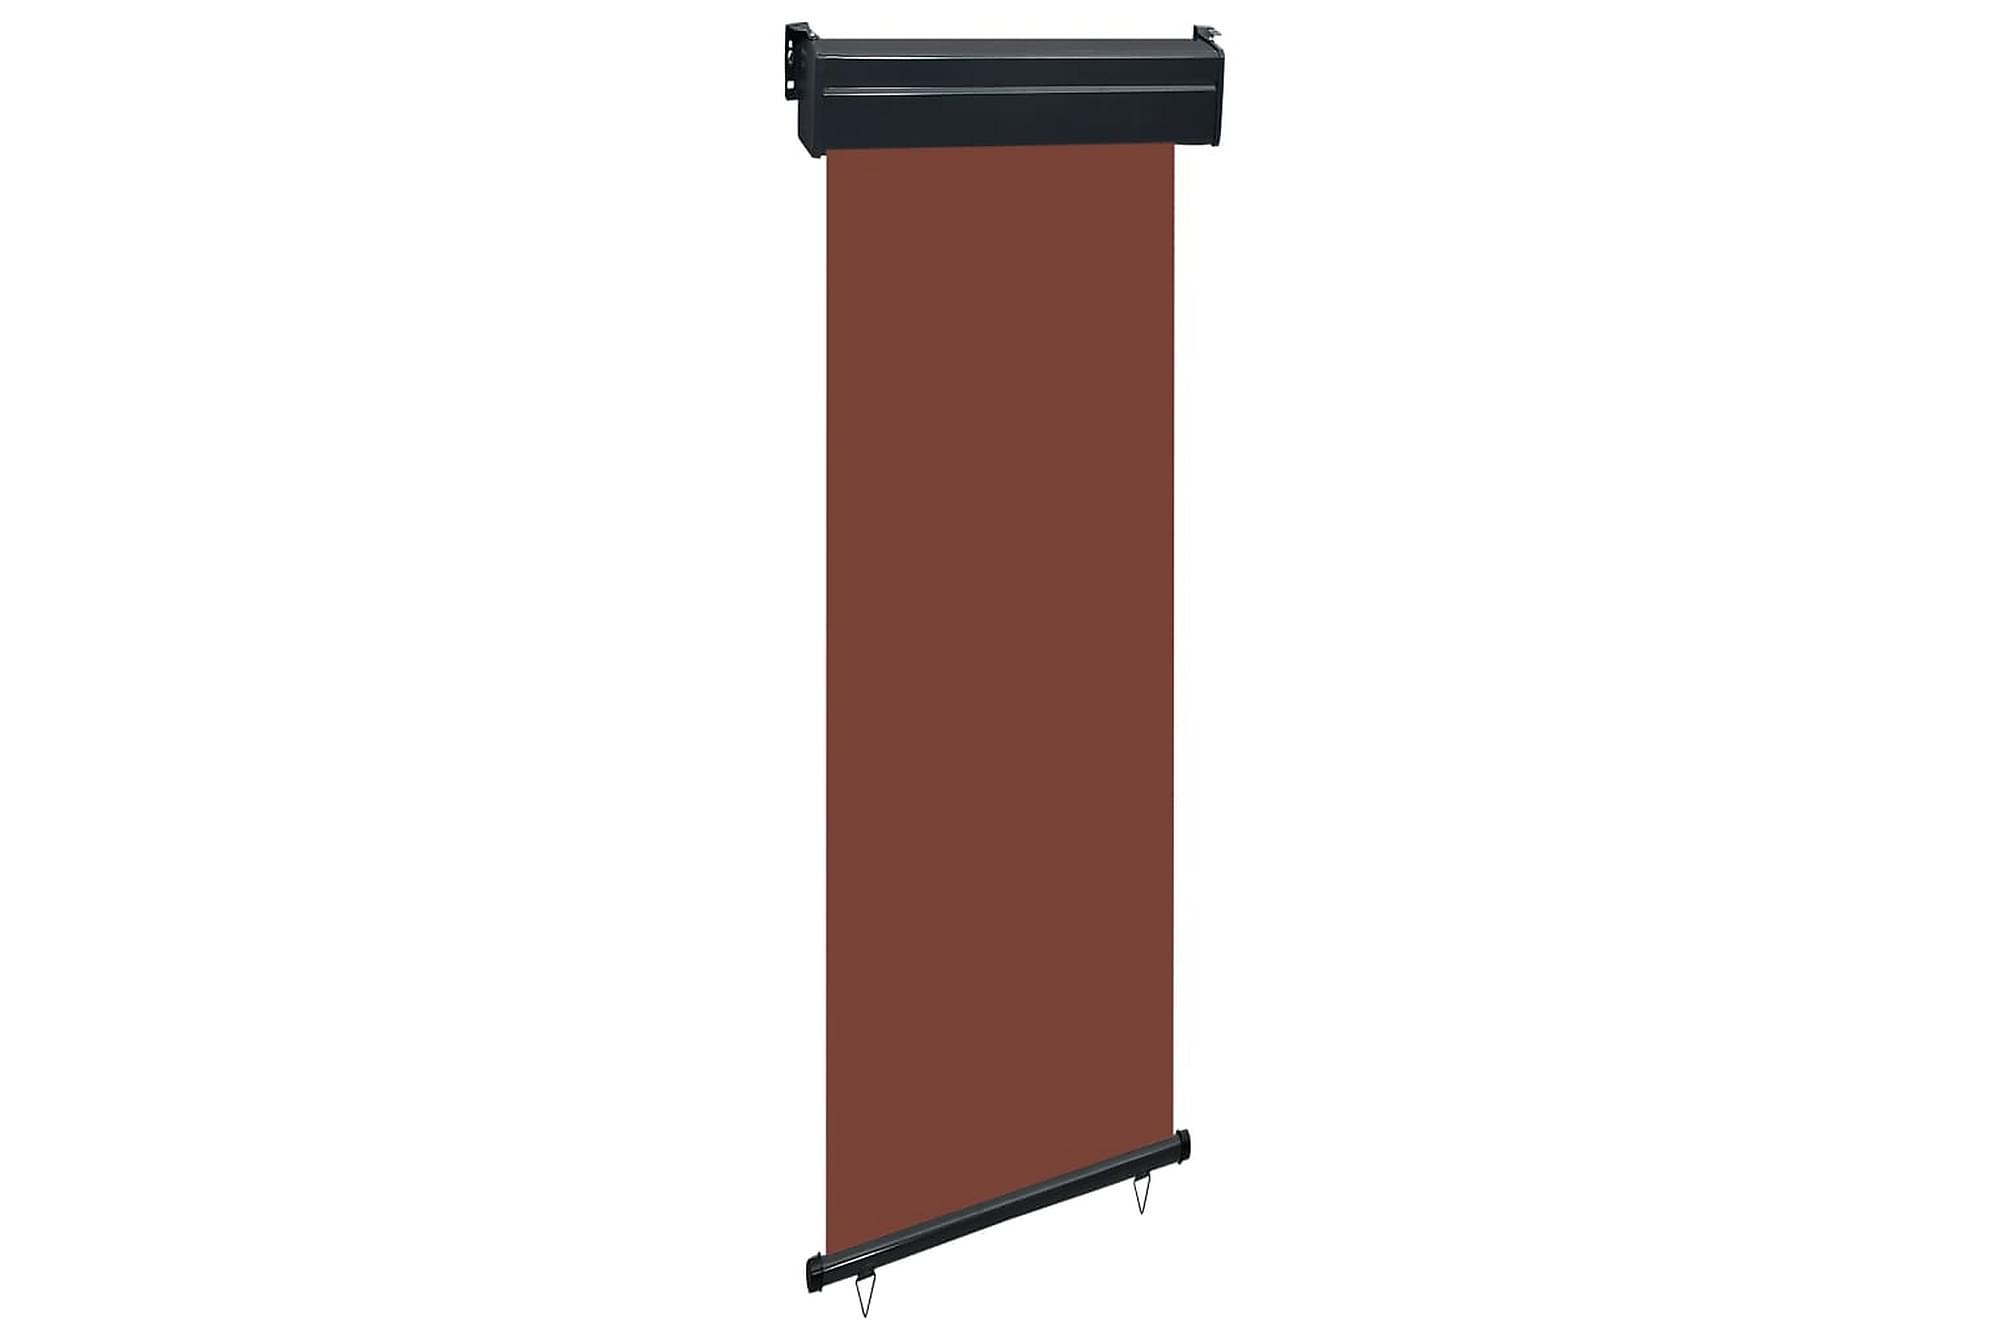 Balkongmarkis 60x250 cm brun, Markiser